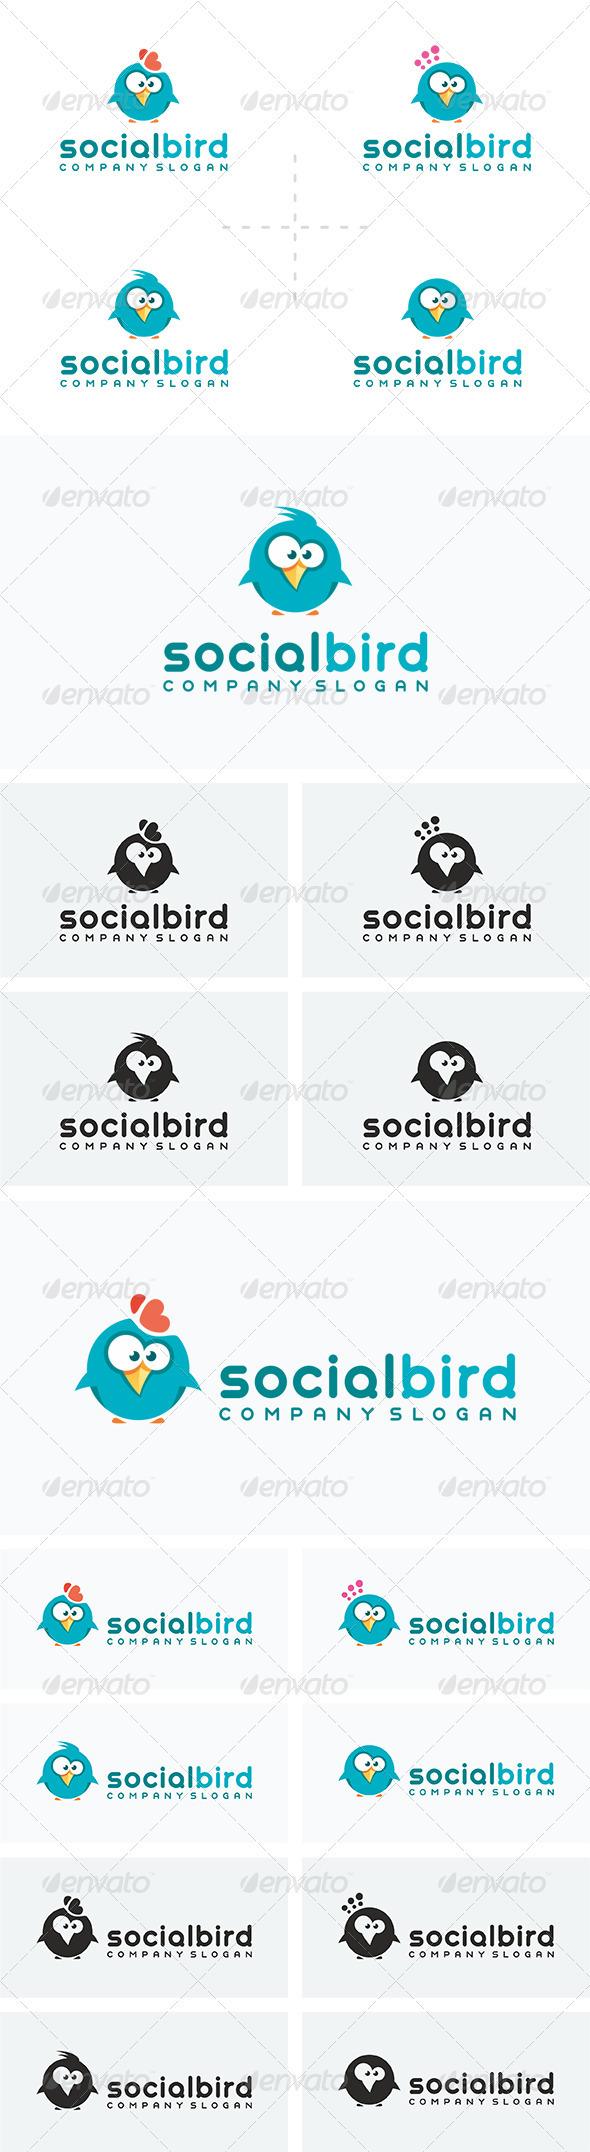 4 Social Bird Logos